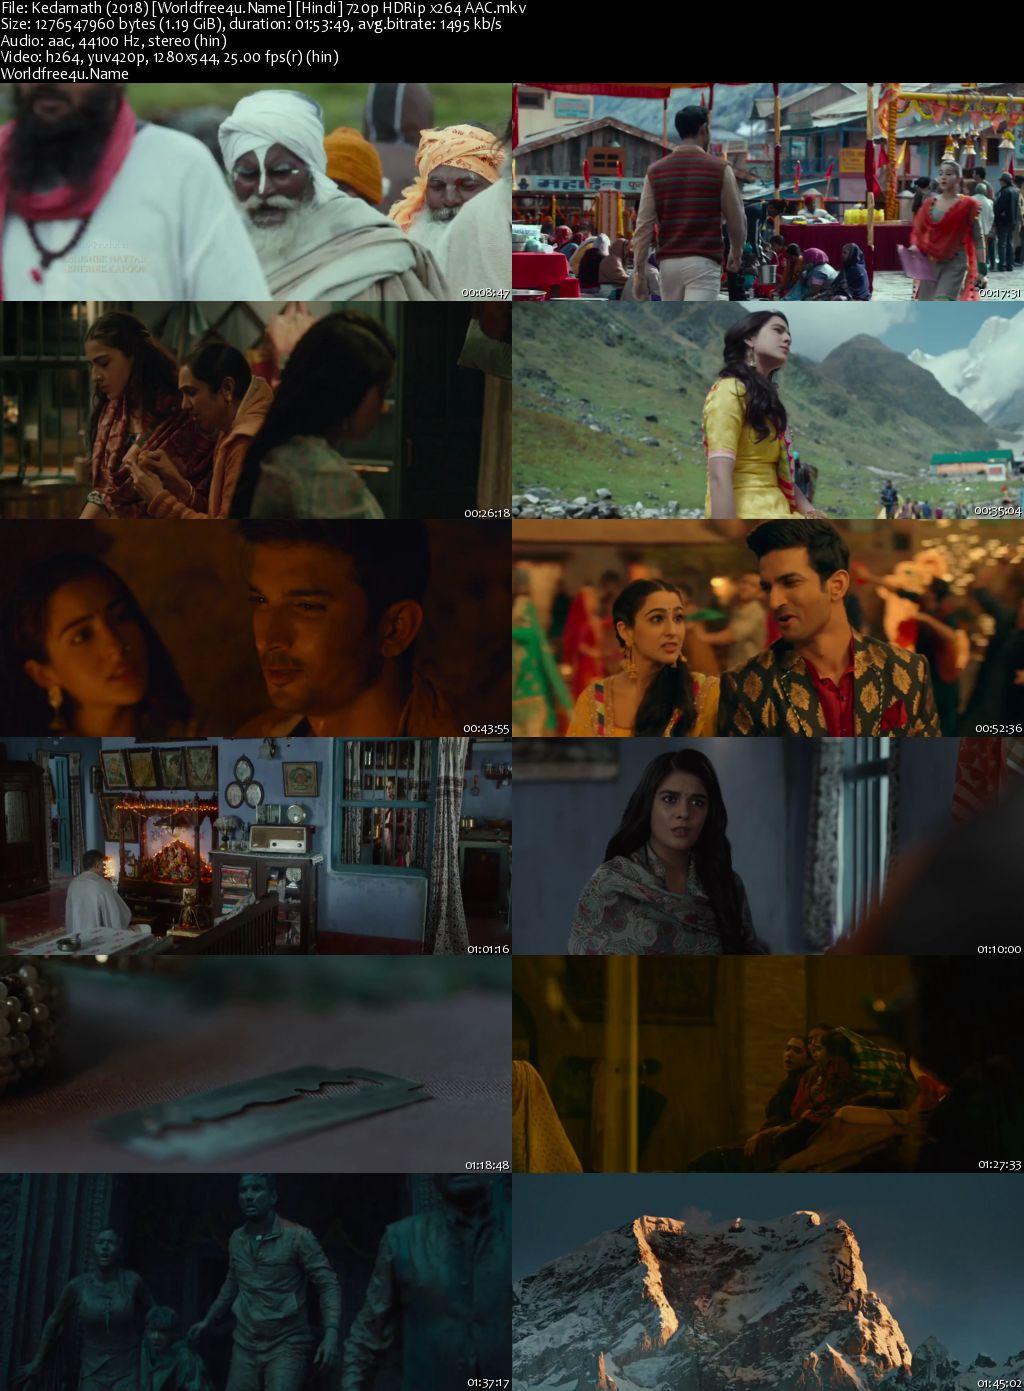 Kedarnath 2018 Hindi HDRip 720p